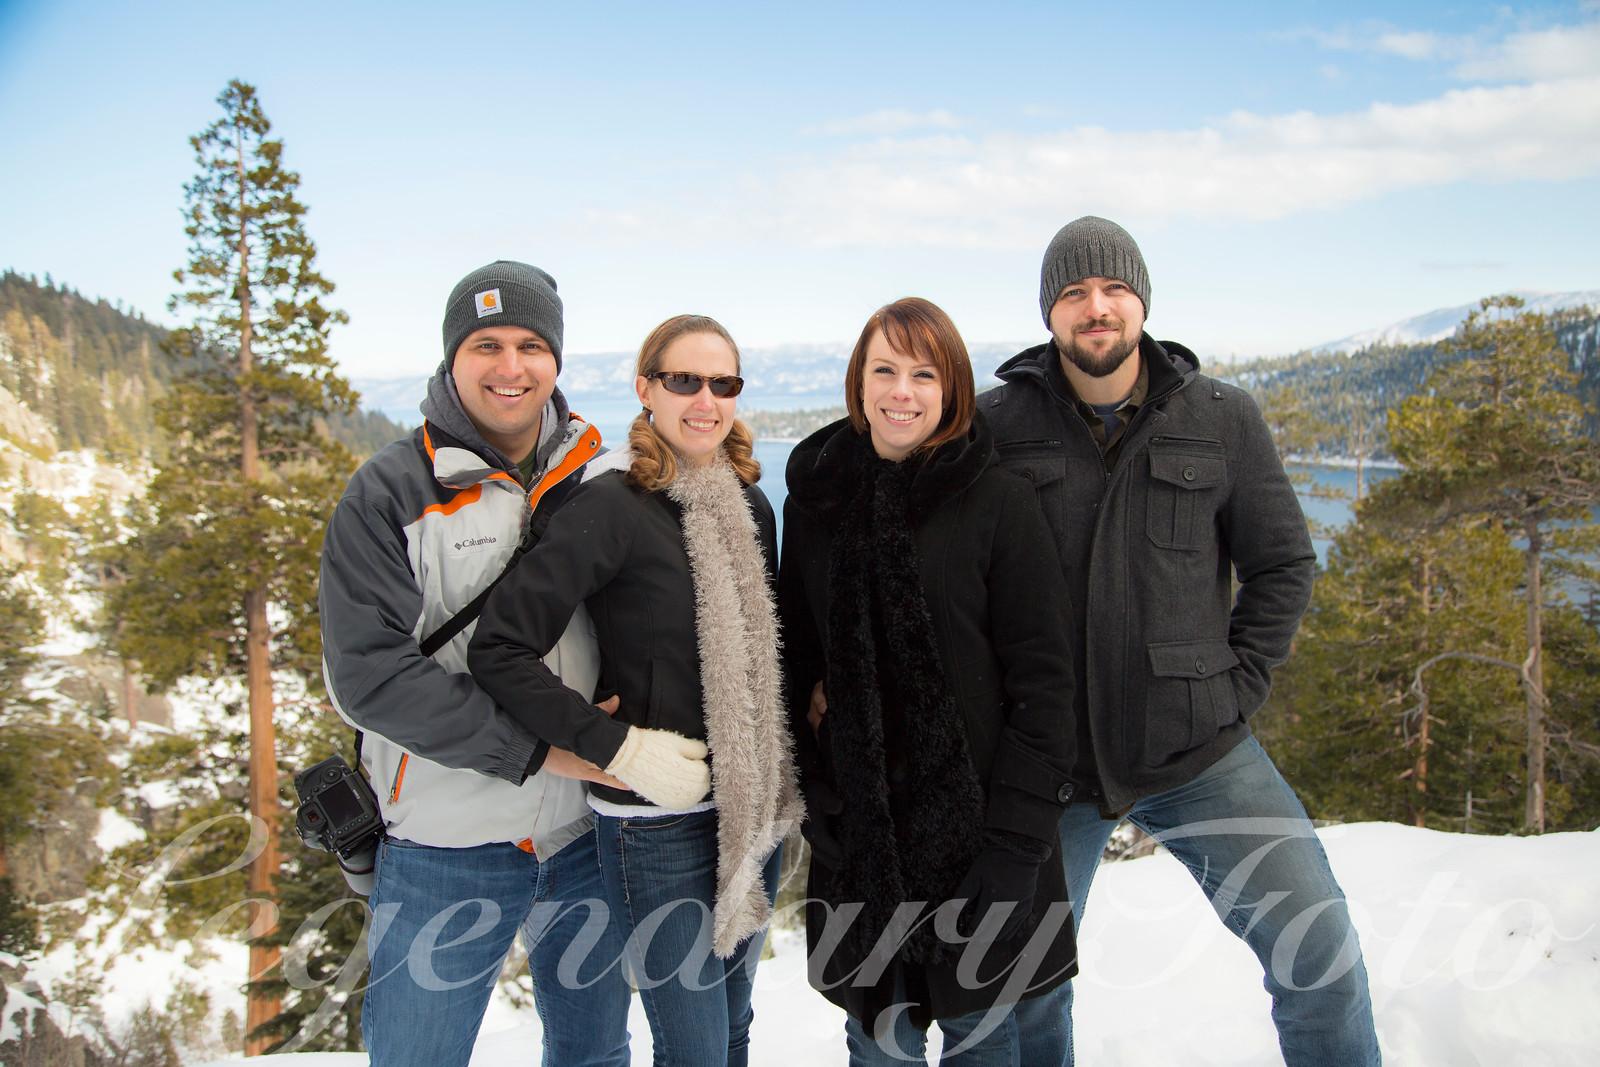 Sean, Katrina, David, and Ashlee